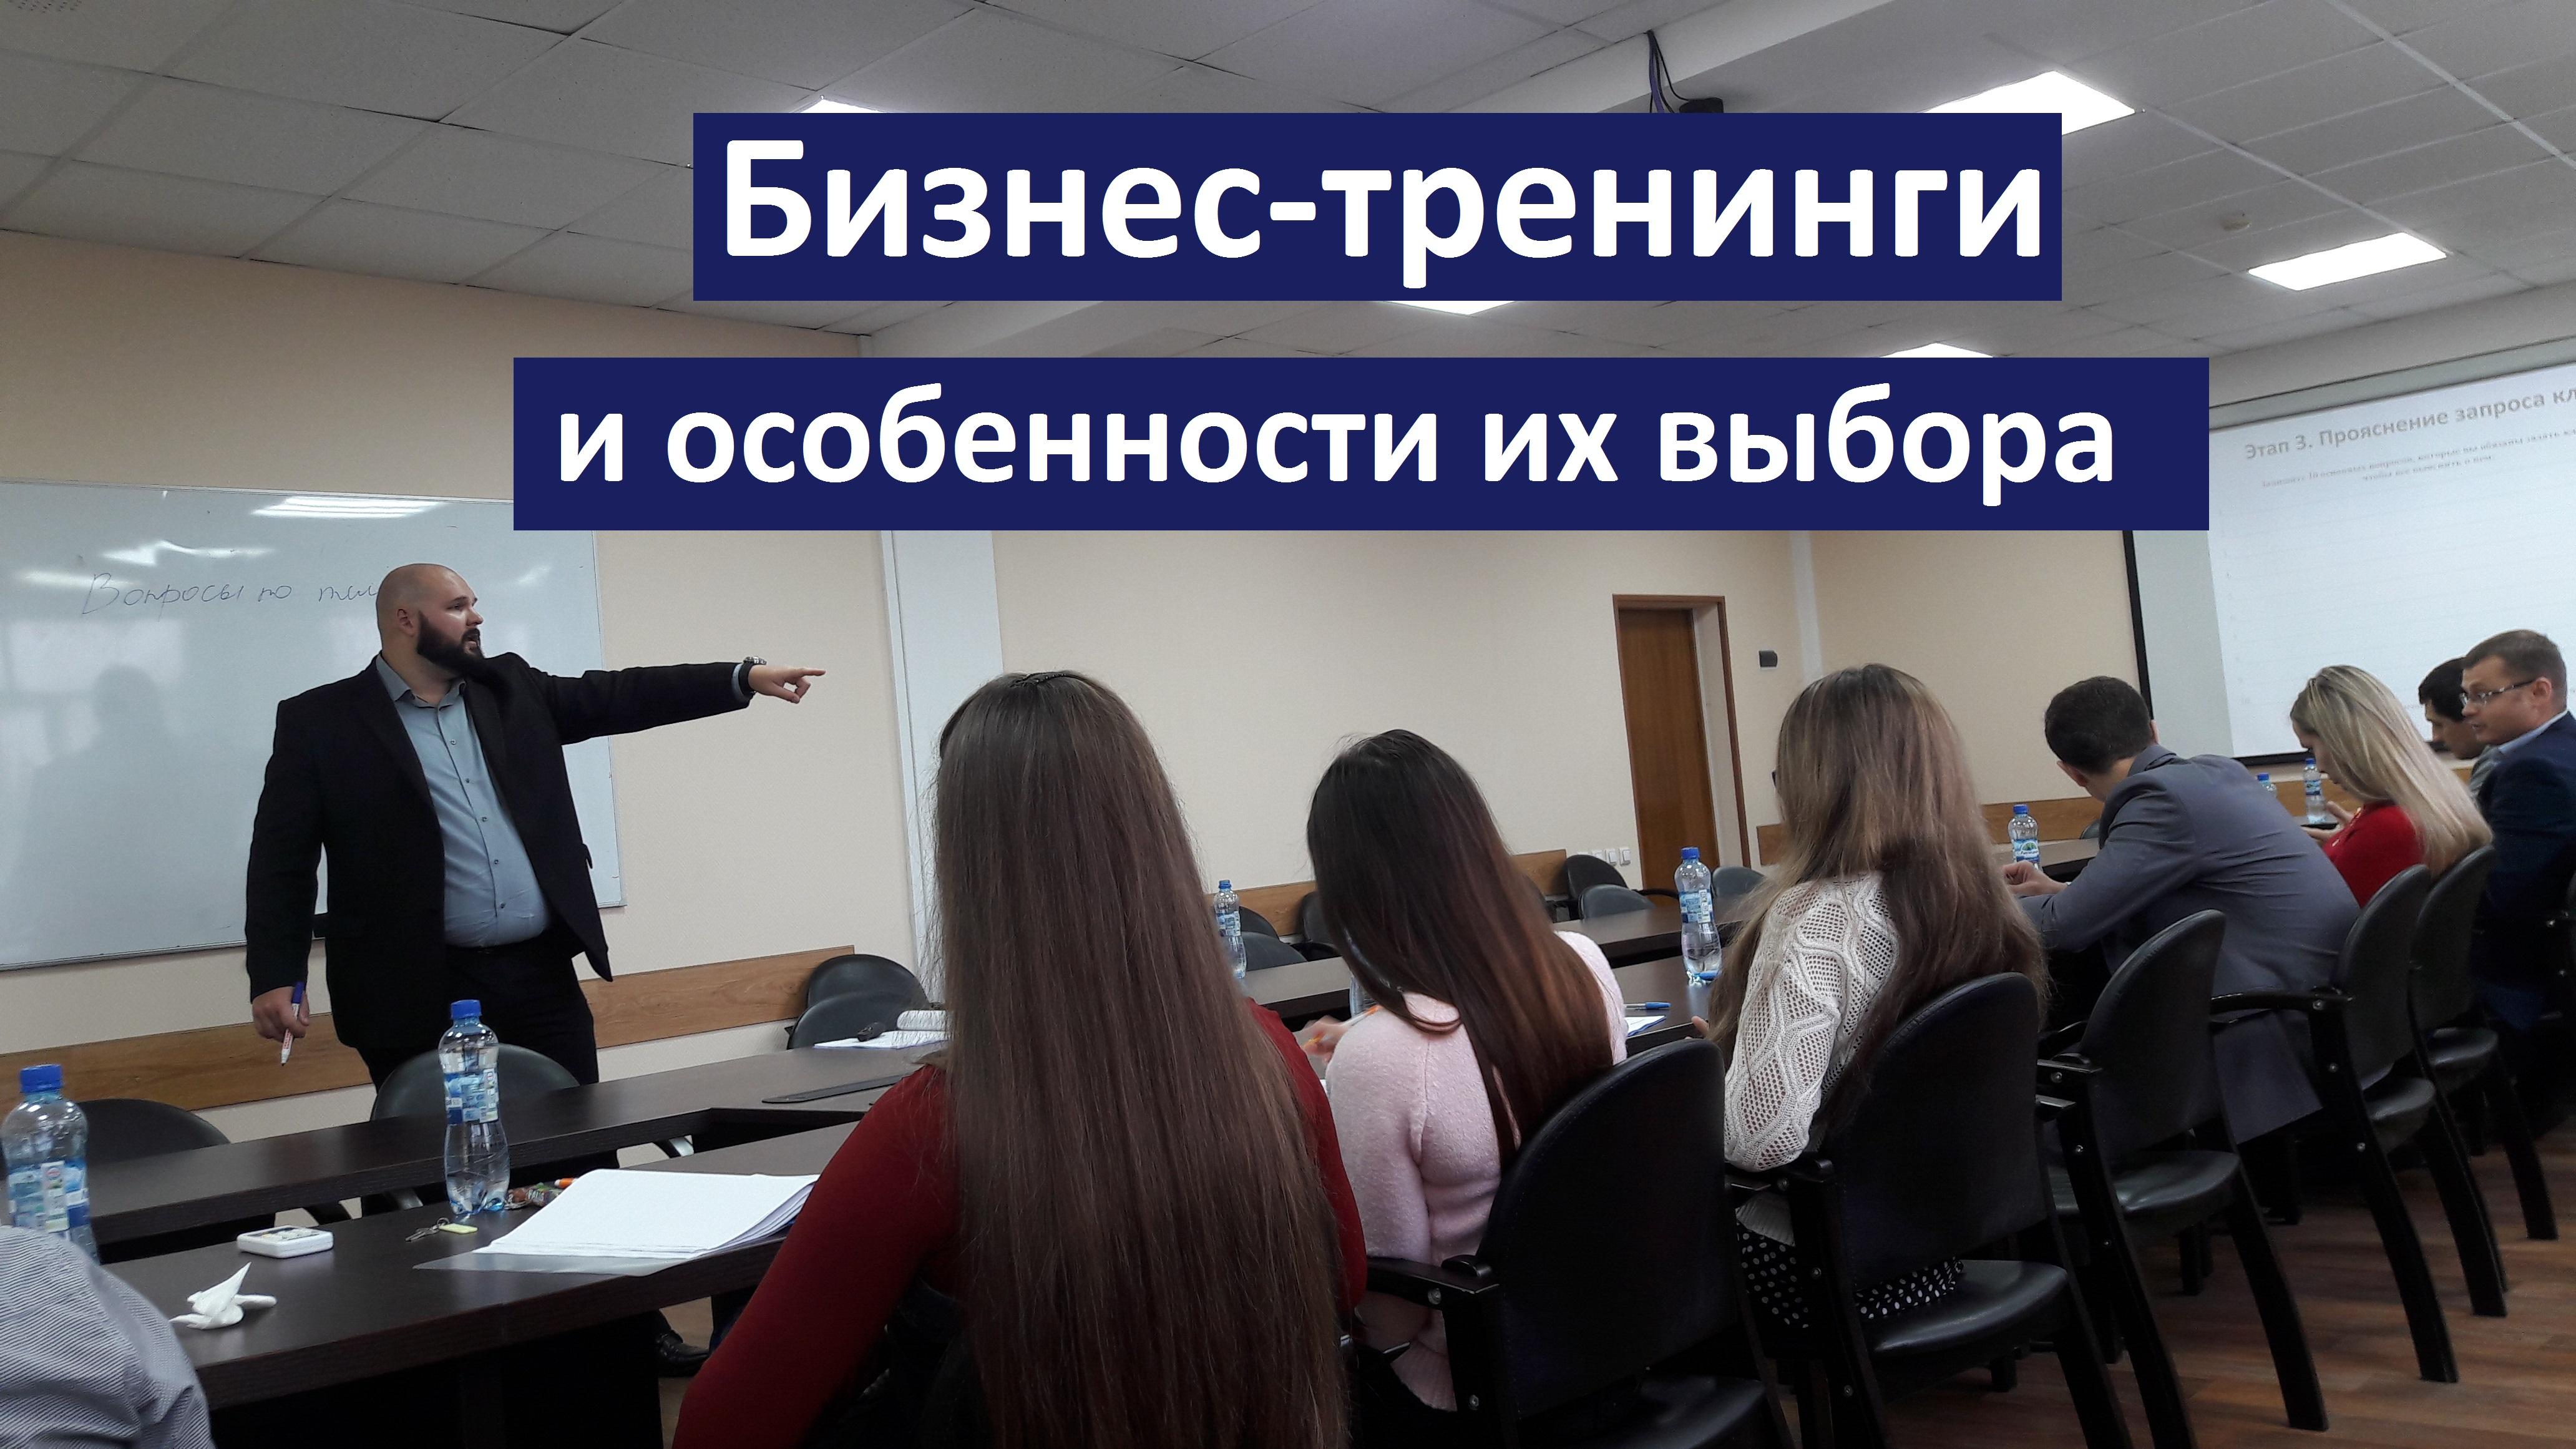 Бизнес-тренинги и особенности их выбора